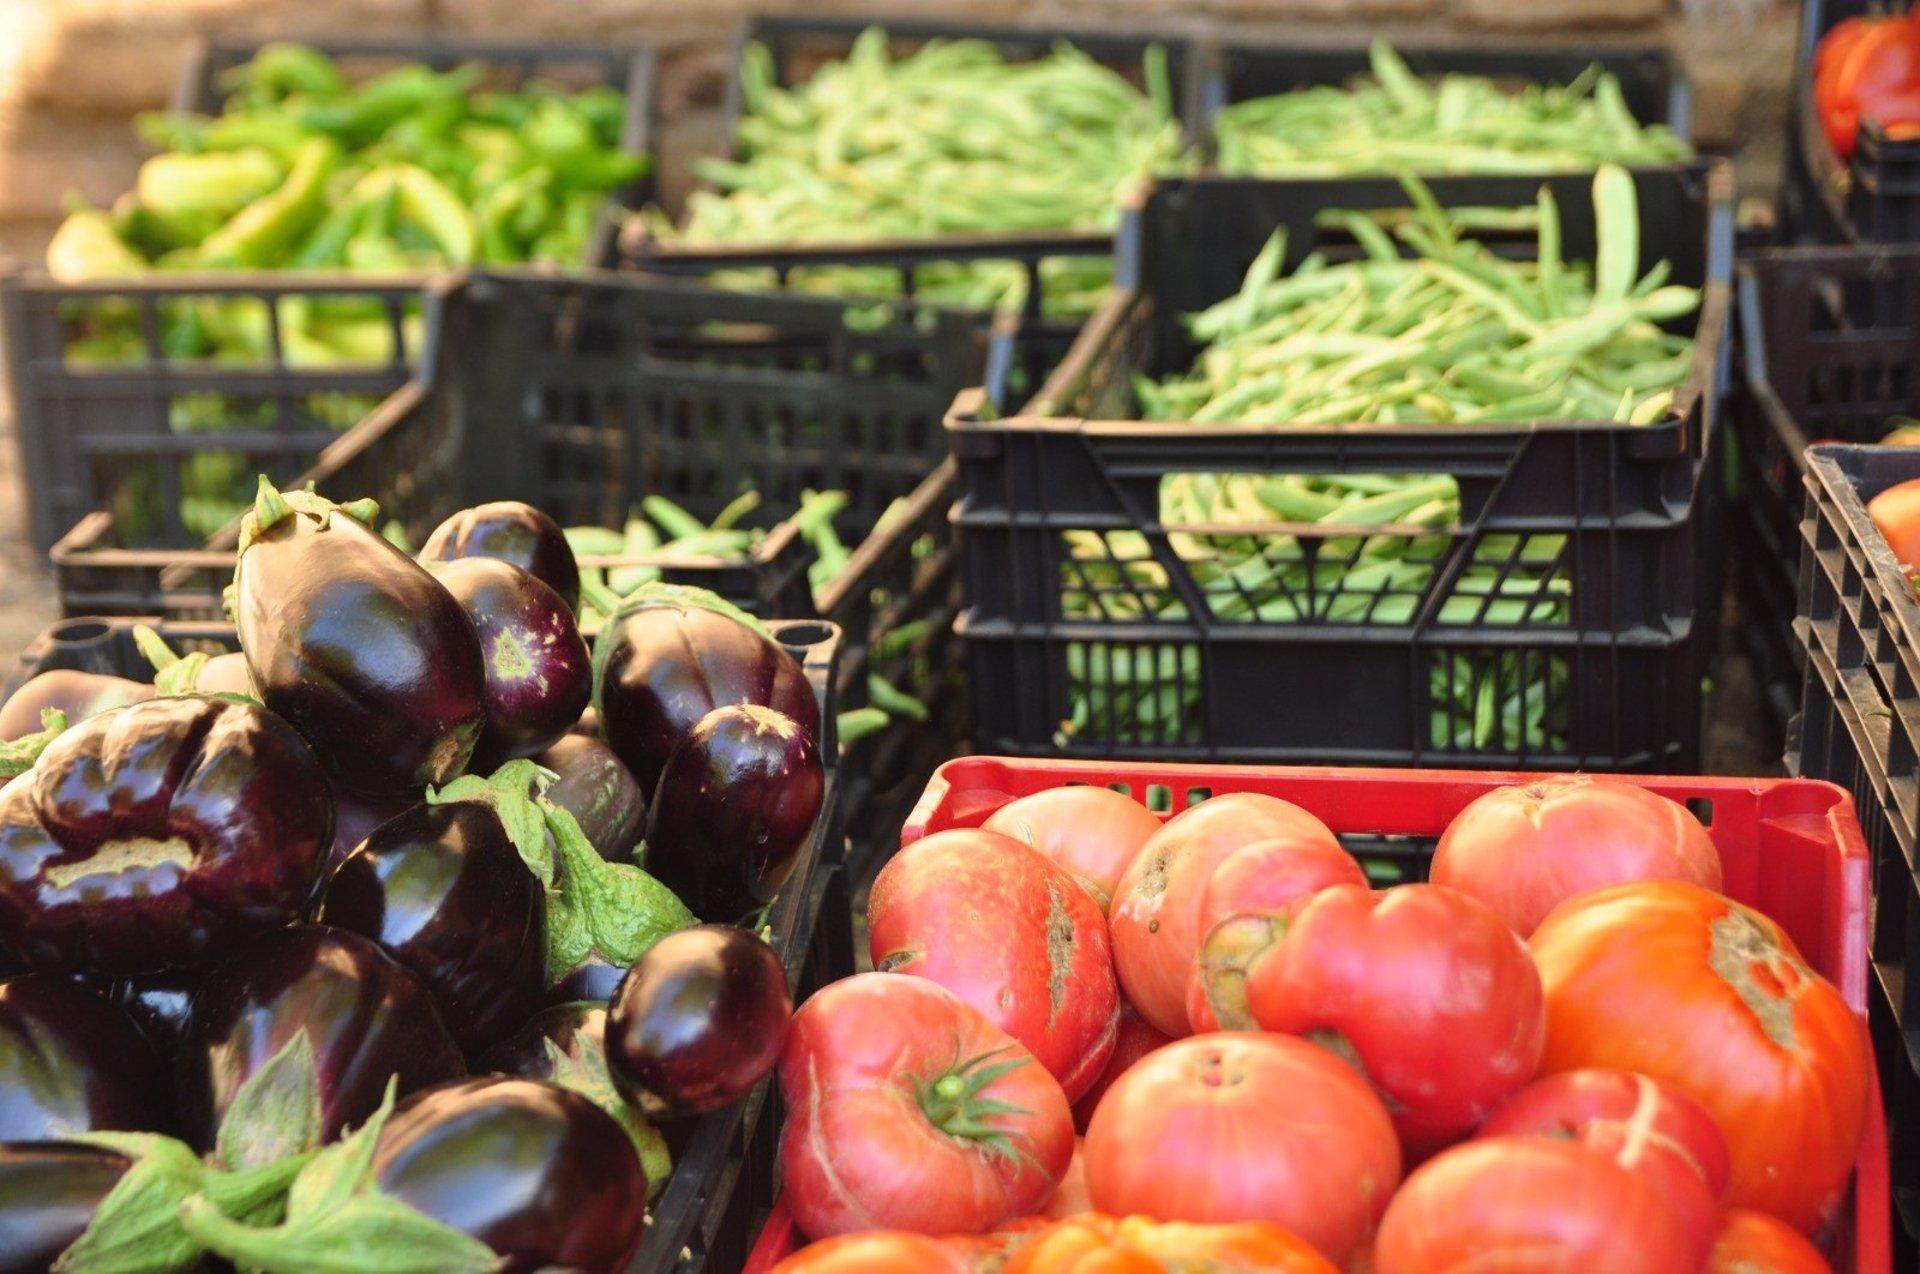 Las huertas del Generalife han producido este año más de 6.600 kilos de verduras y frutas